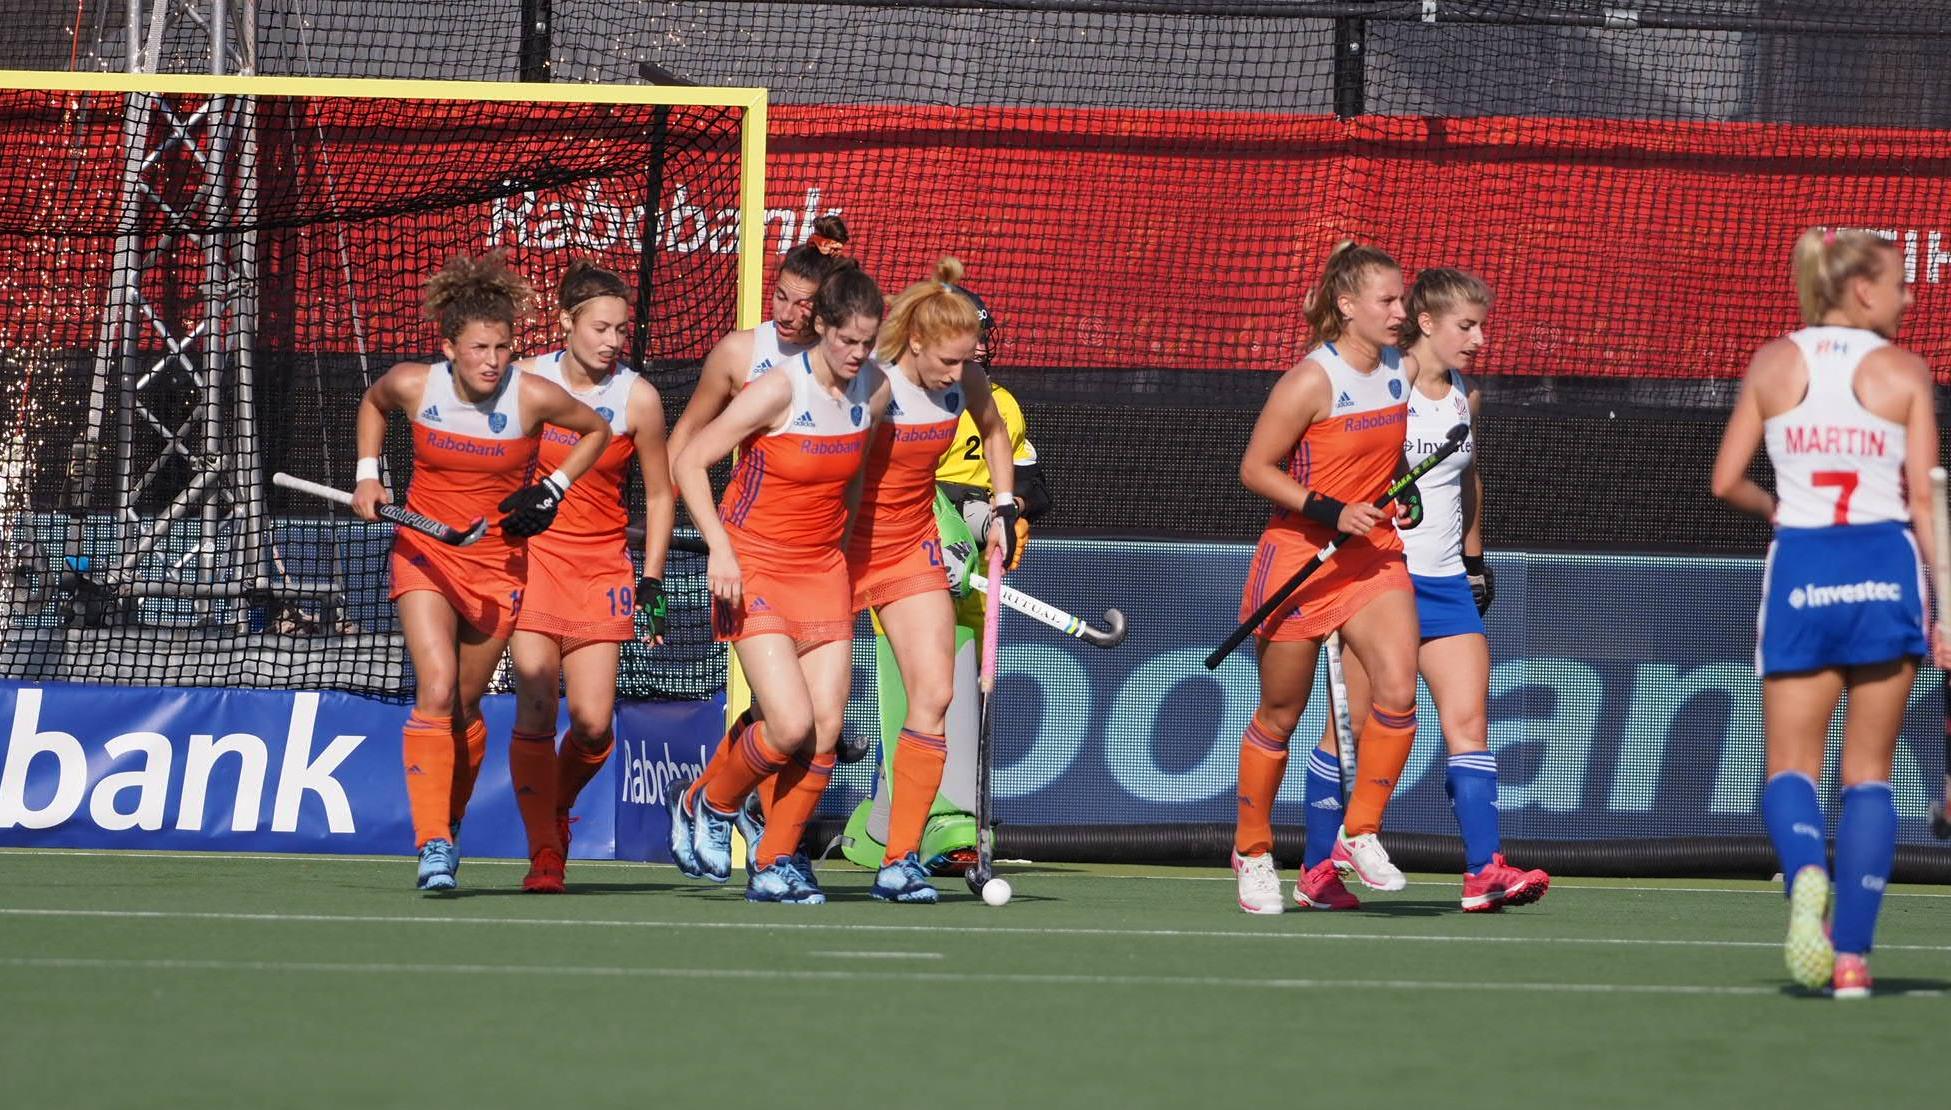 Round-up Pro League (D): Oranje dames boeken in Londen twaalfde zege op rij na matige wedstrijd